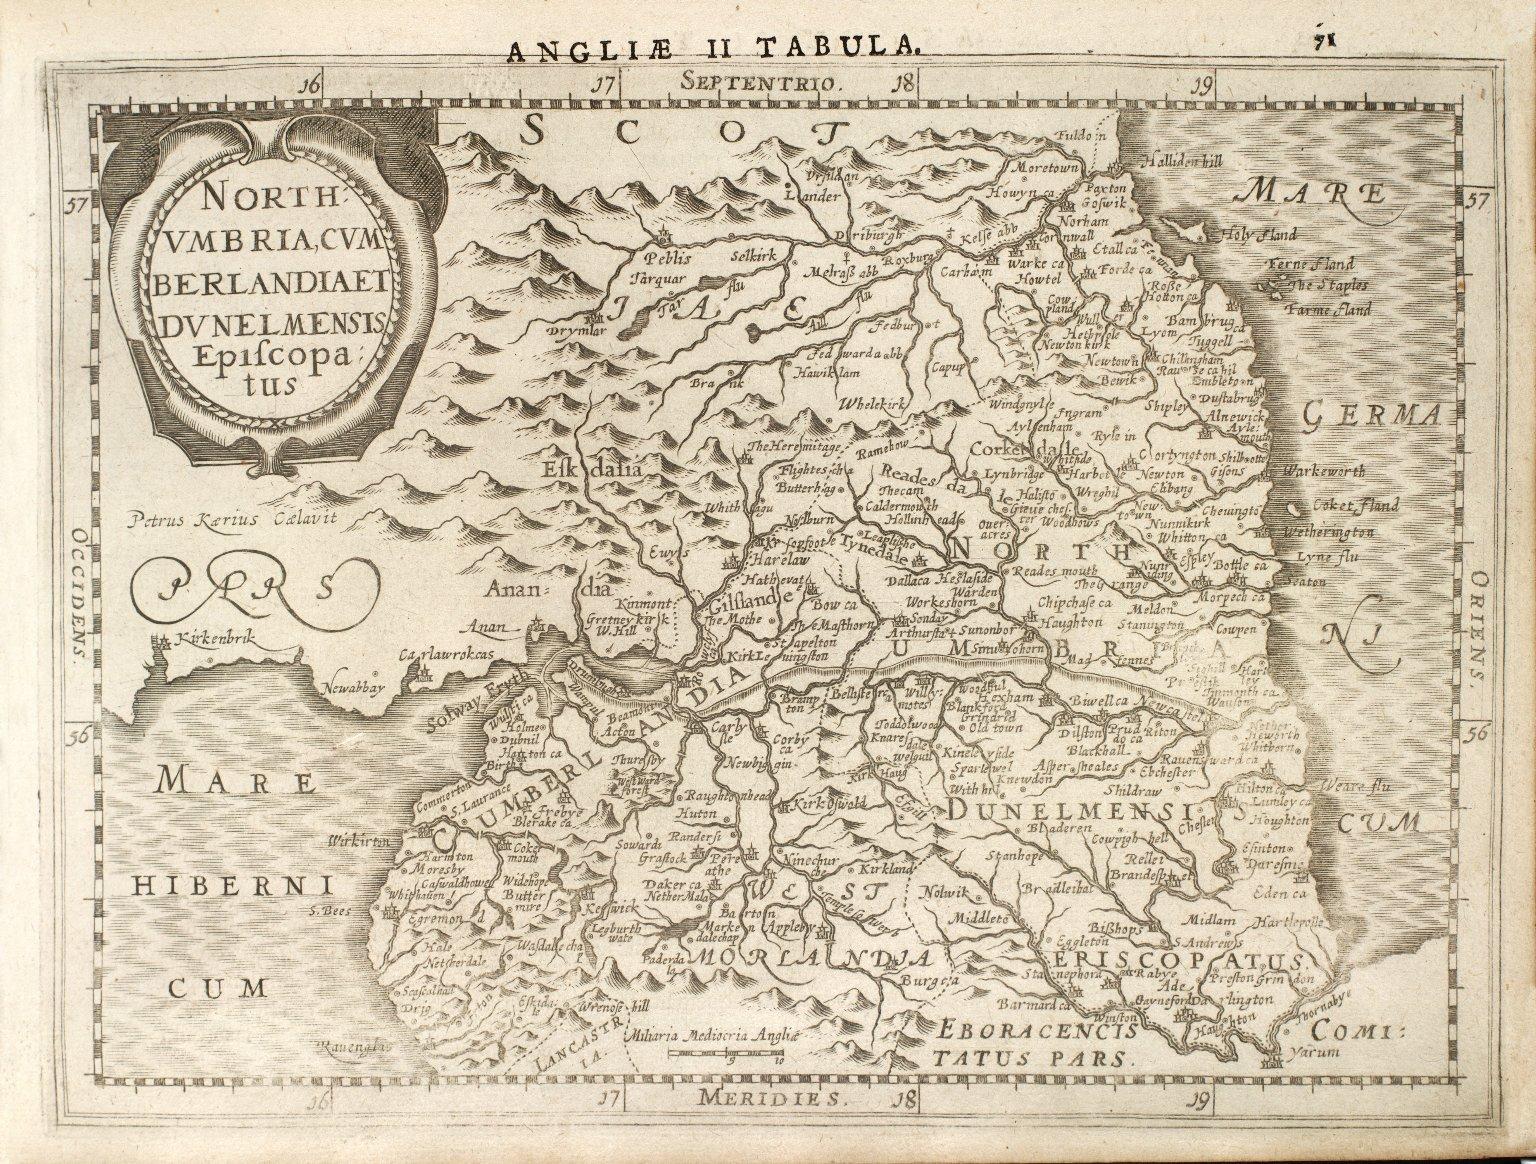 North: / Vmbria, Cvm / berlandia et / Dunelmensis / Episcopa: / tus [1 of 1]